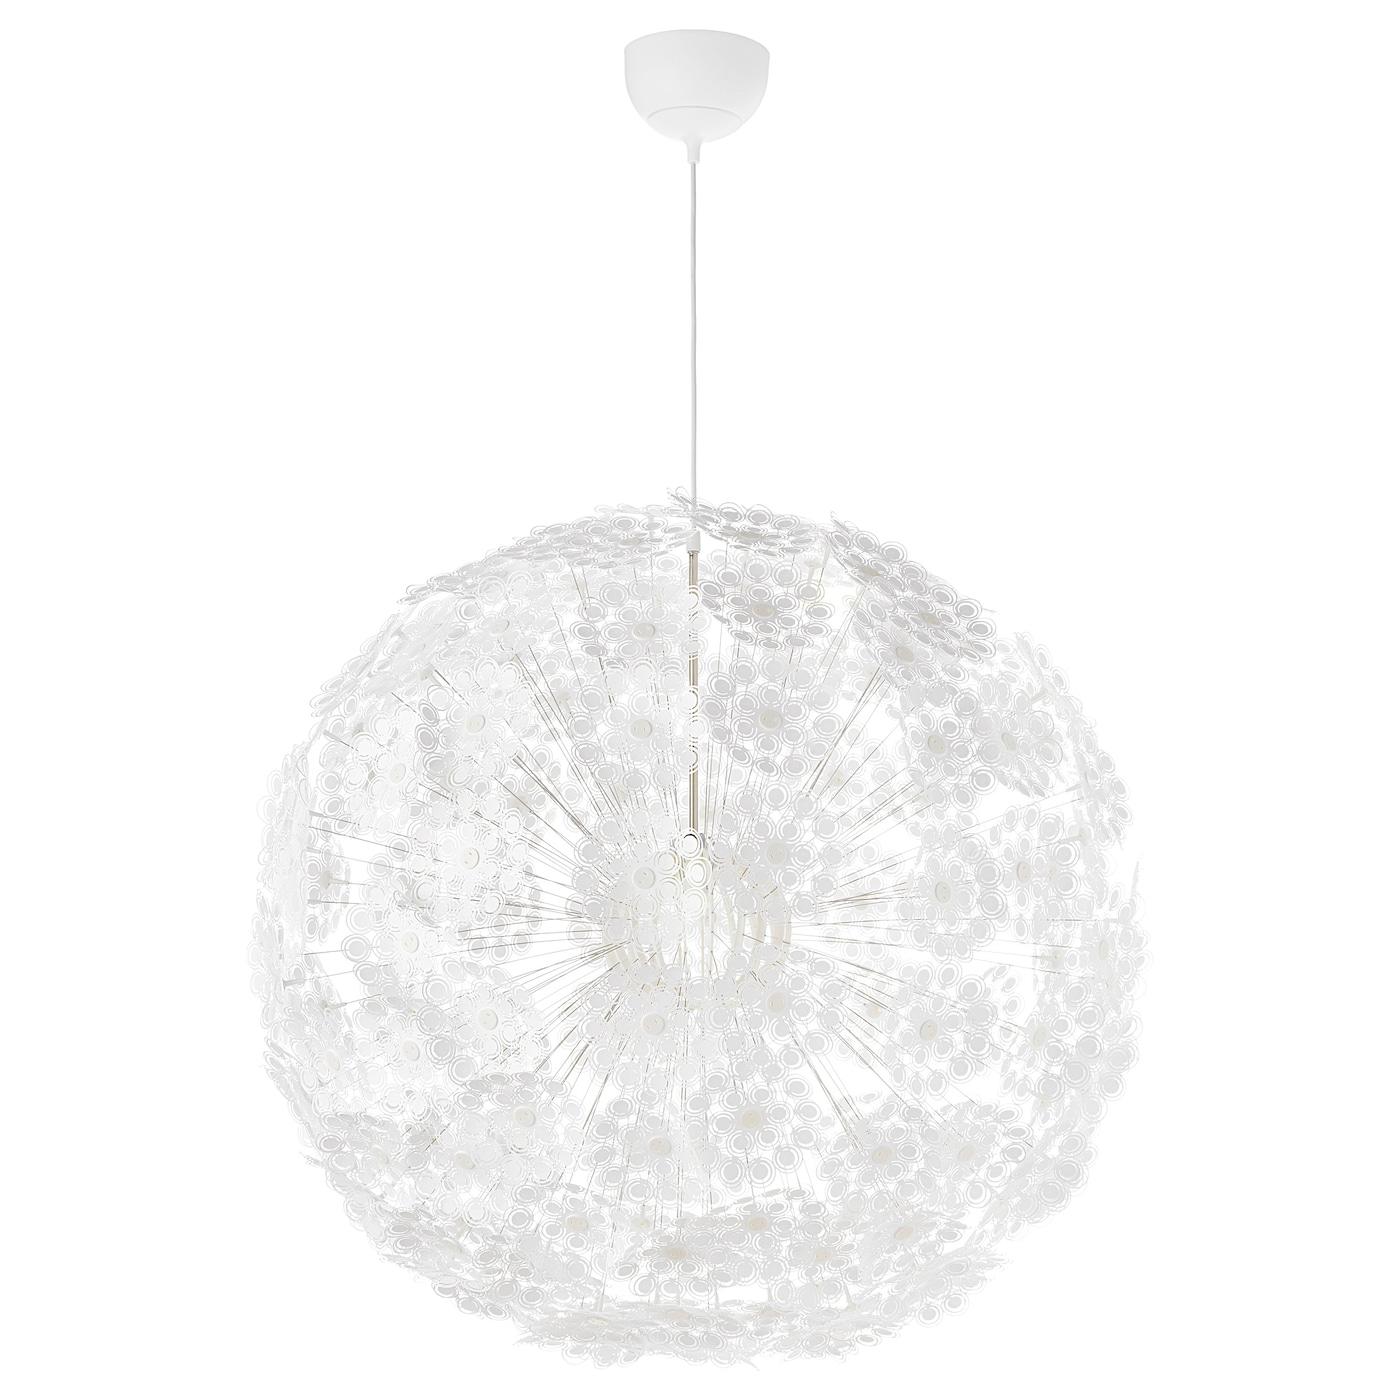 GRIMSÅS Hängeleuchte weiß 80 cm